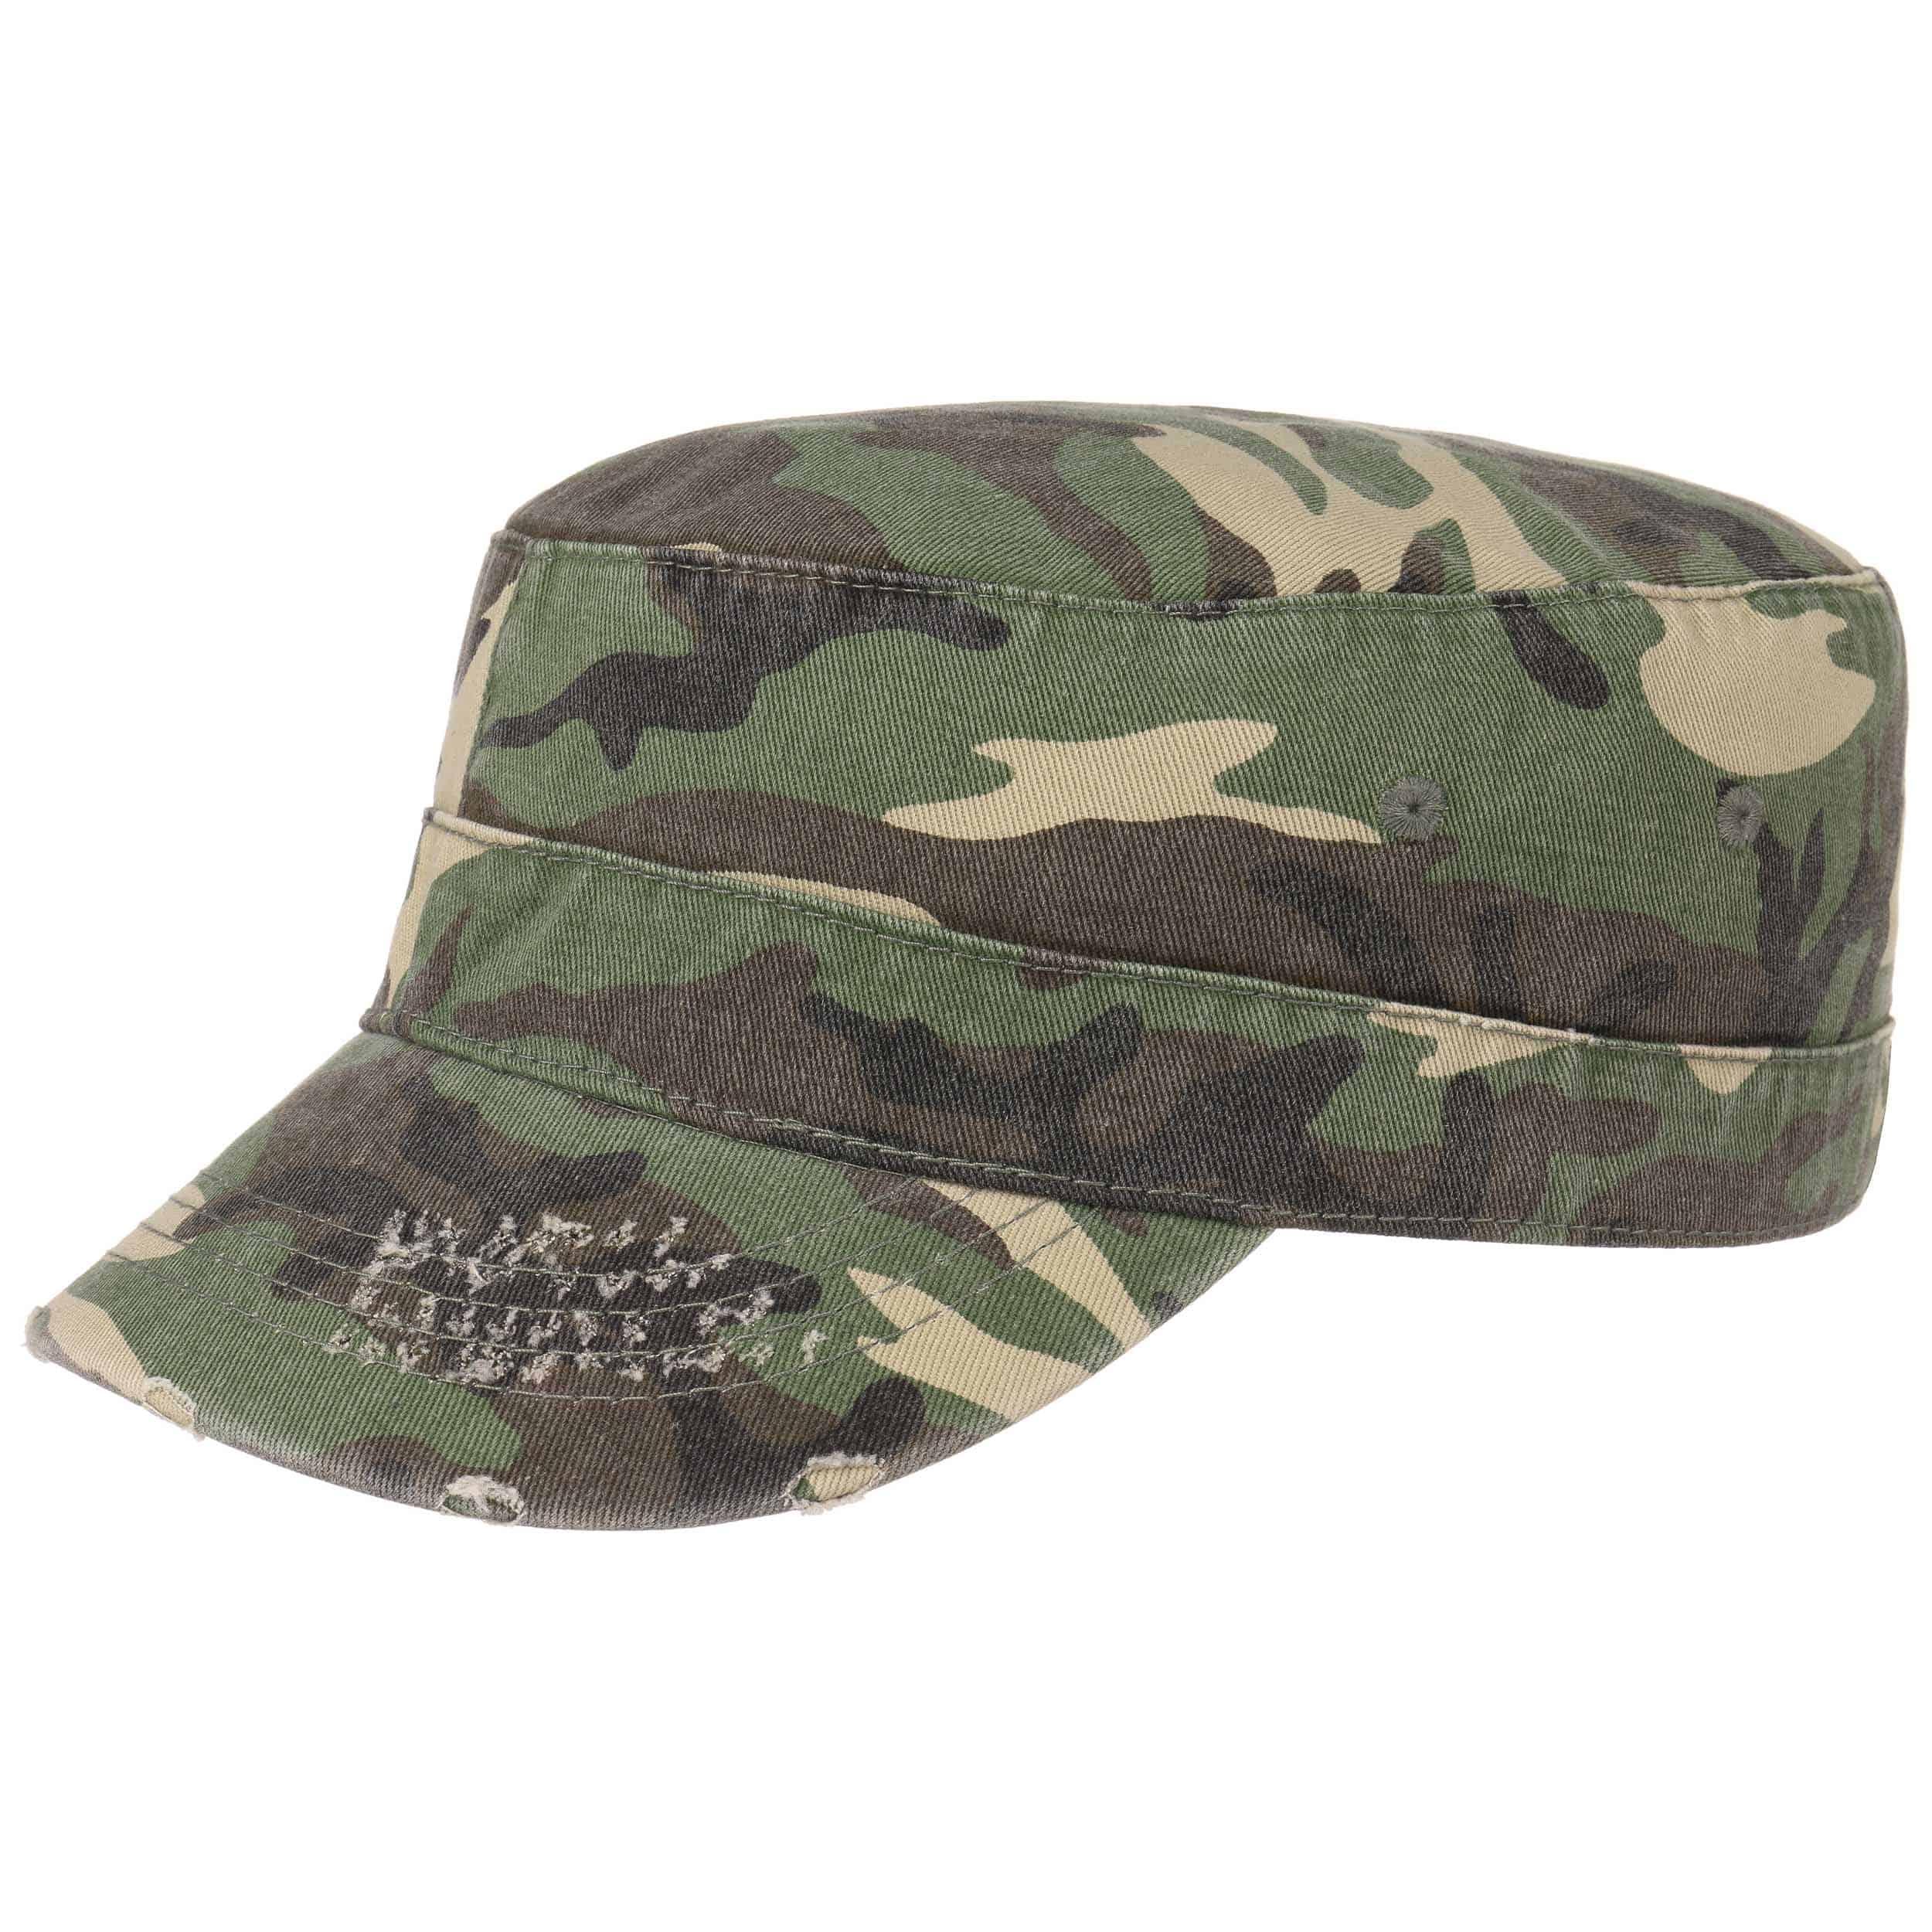 Gorra Militar Urban Destroyed - Gorras - sombreroshop.es 7a58e26769a